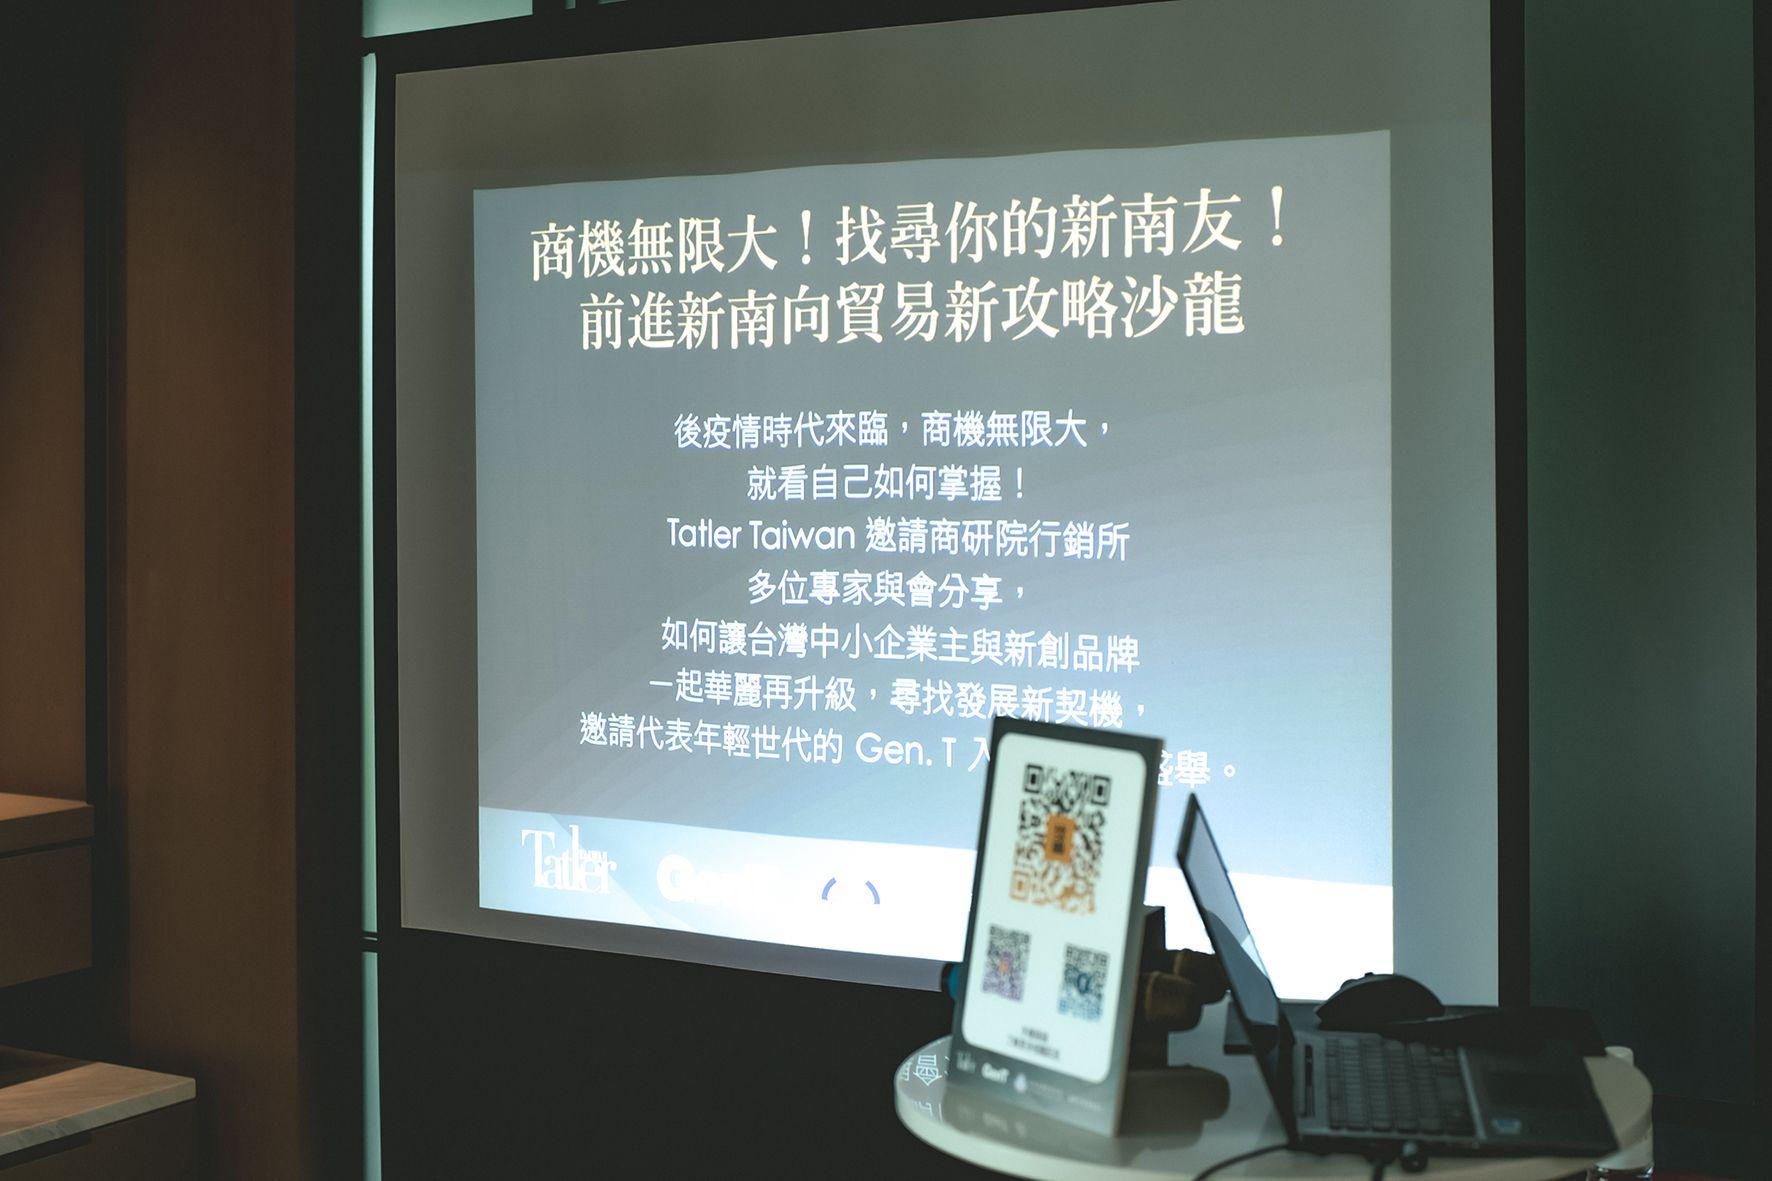 前進新南向貿易的3種攻略:Tatler Taiwan X 商研院行銷所—協助台灣中小企業主不出國也能接單